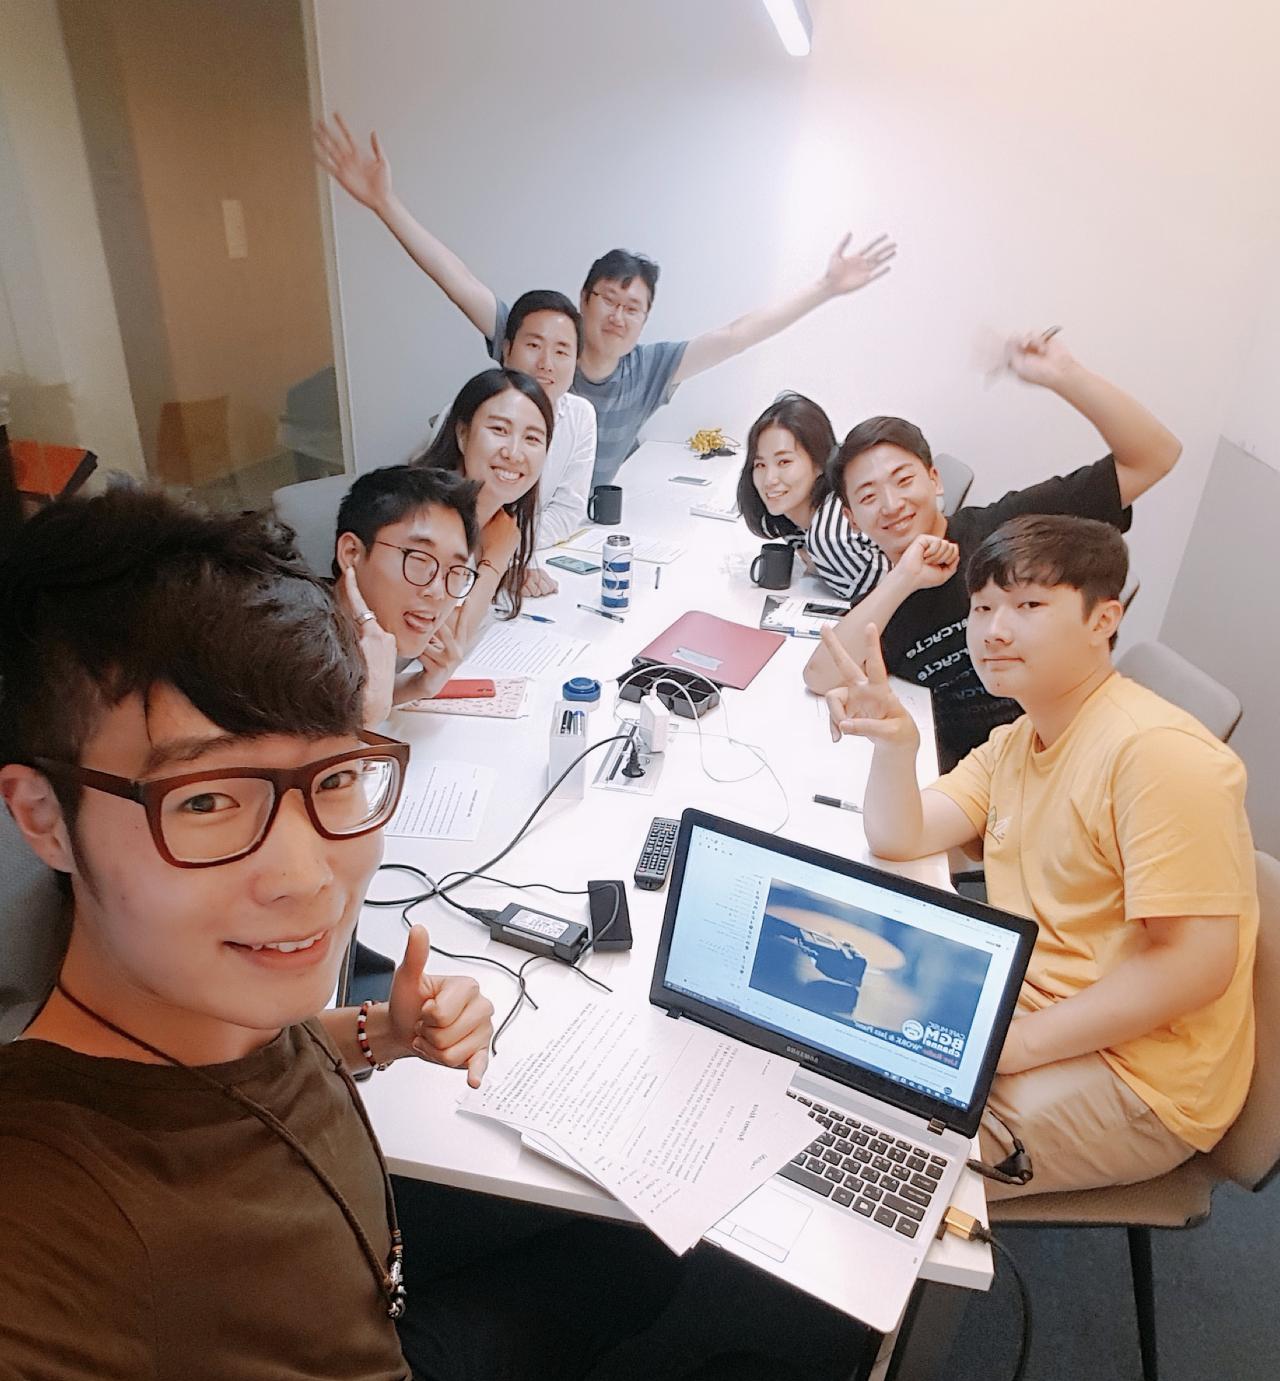 논스 멤버들과 함께하는 딥컬쳐 영어 마스터 클래스